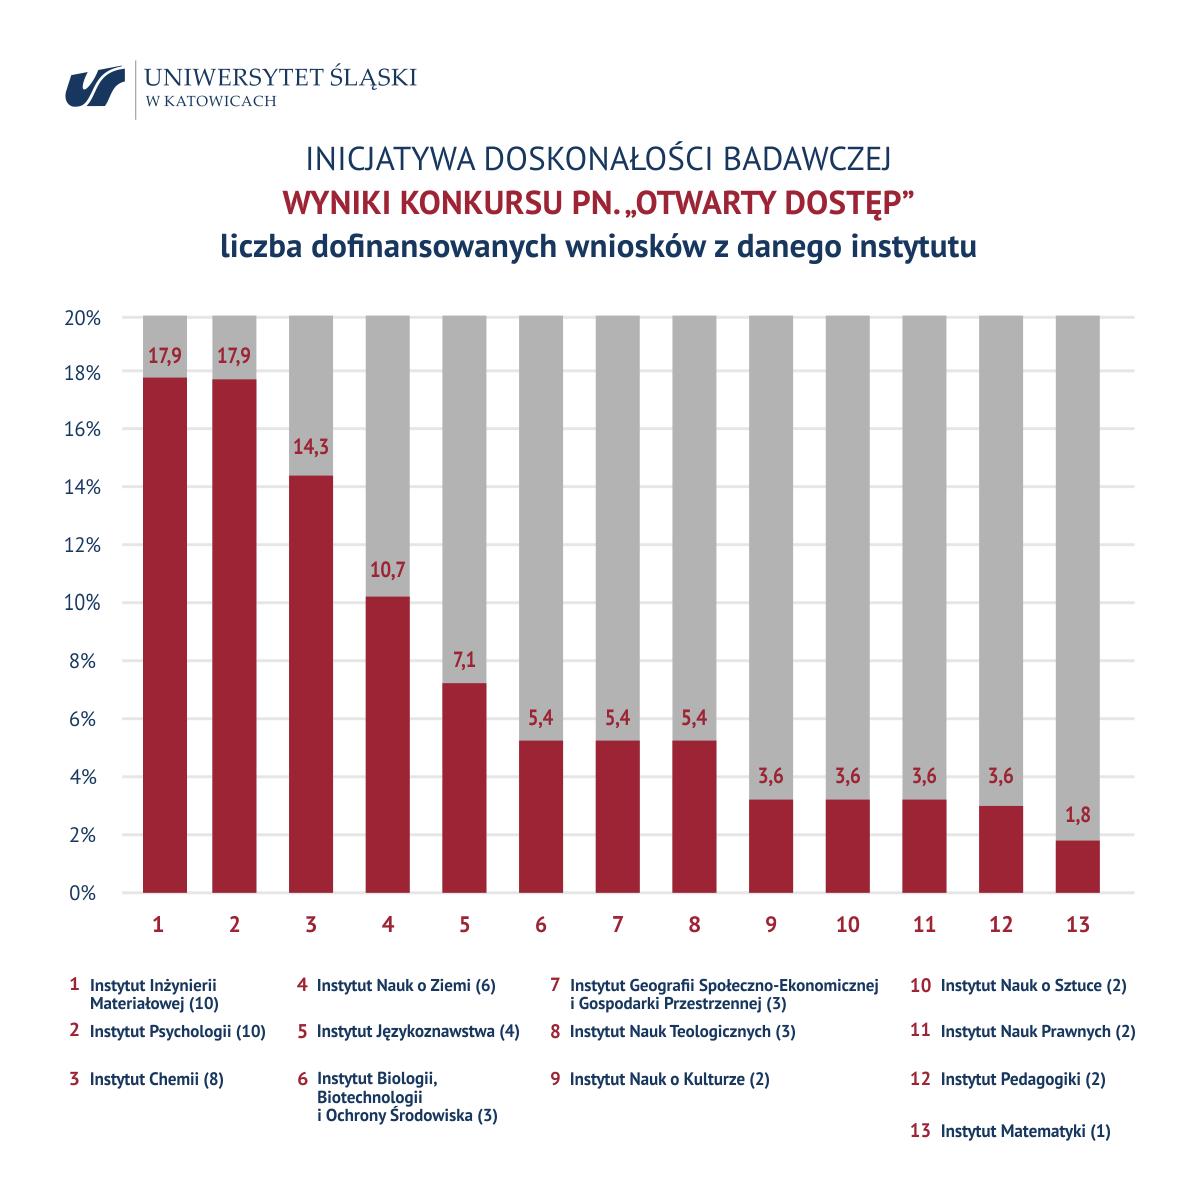 """Wykres: wyniki konkursu pn. """"Otwarty dostęp"""", liczba dofinansowanych wniosków z danego instytutu"""